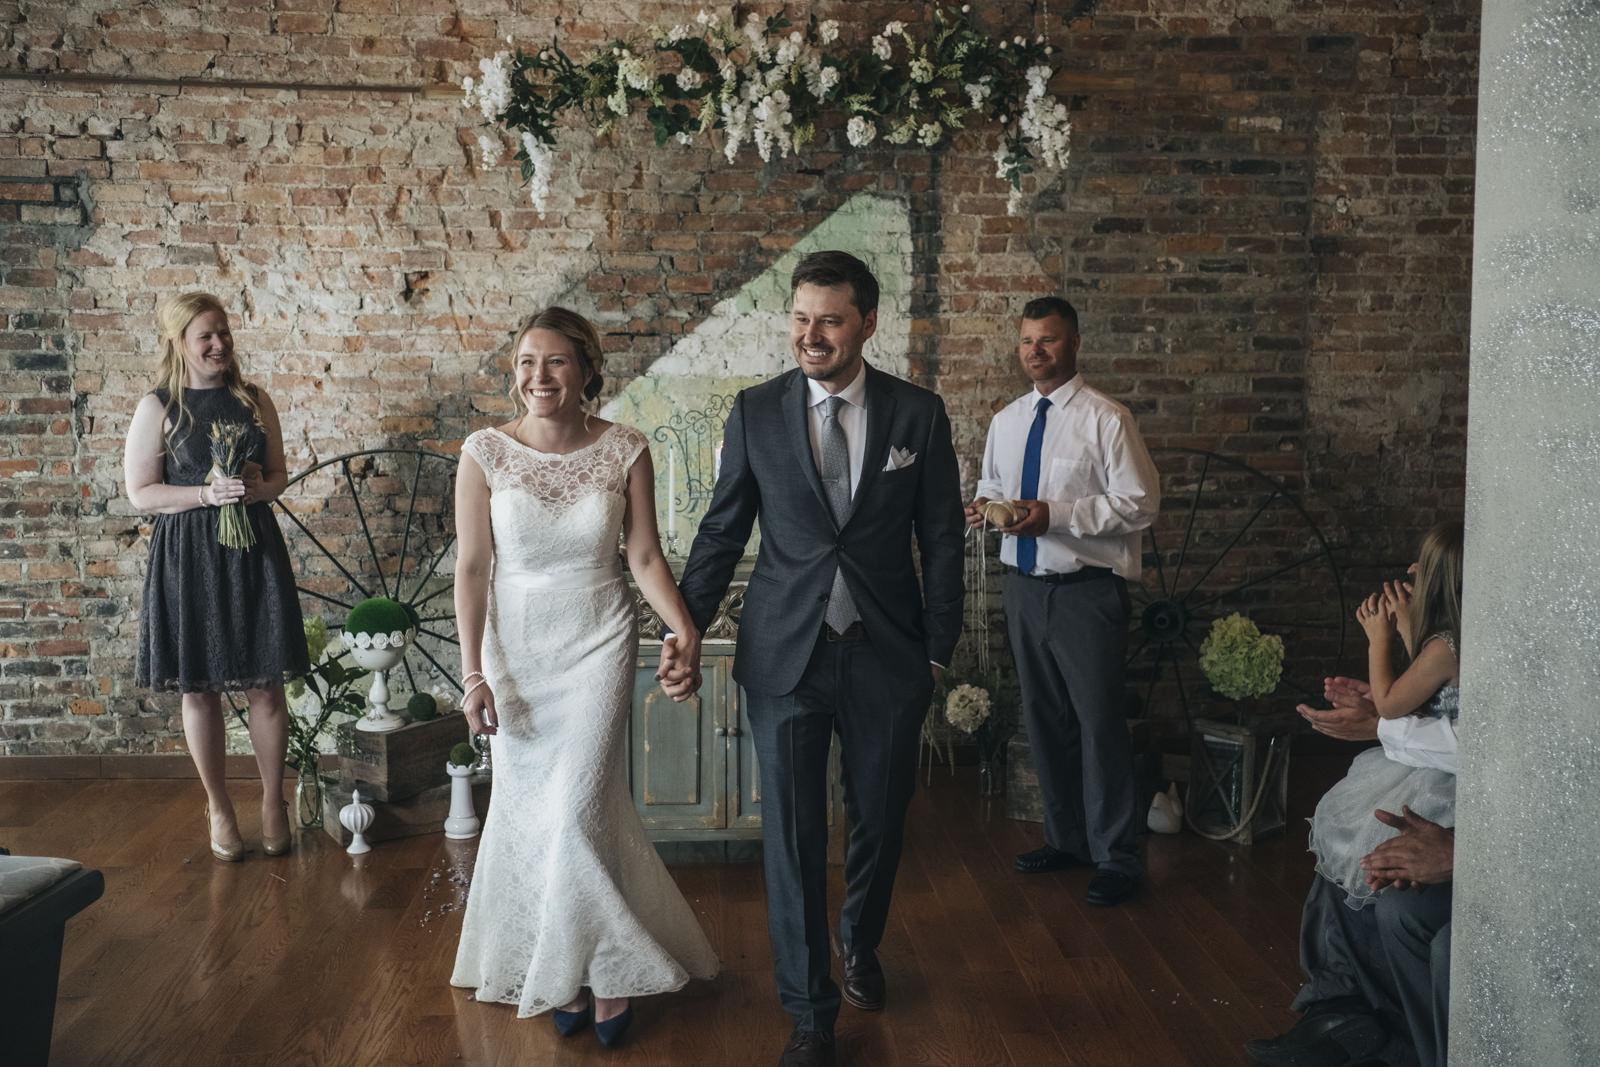 Bride and groom exit ceremony in Toledo, Ohio wedding.